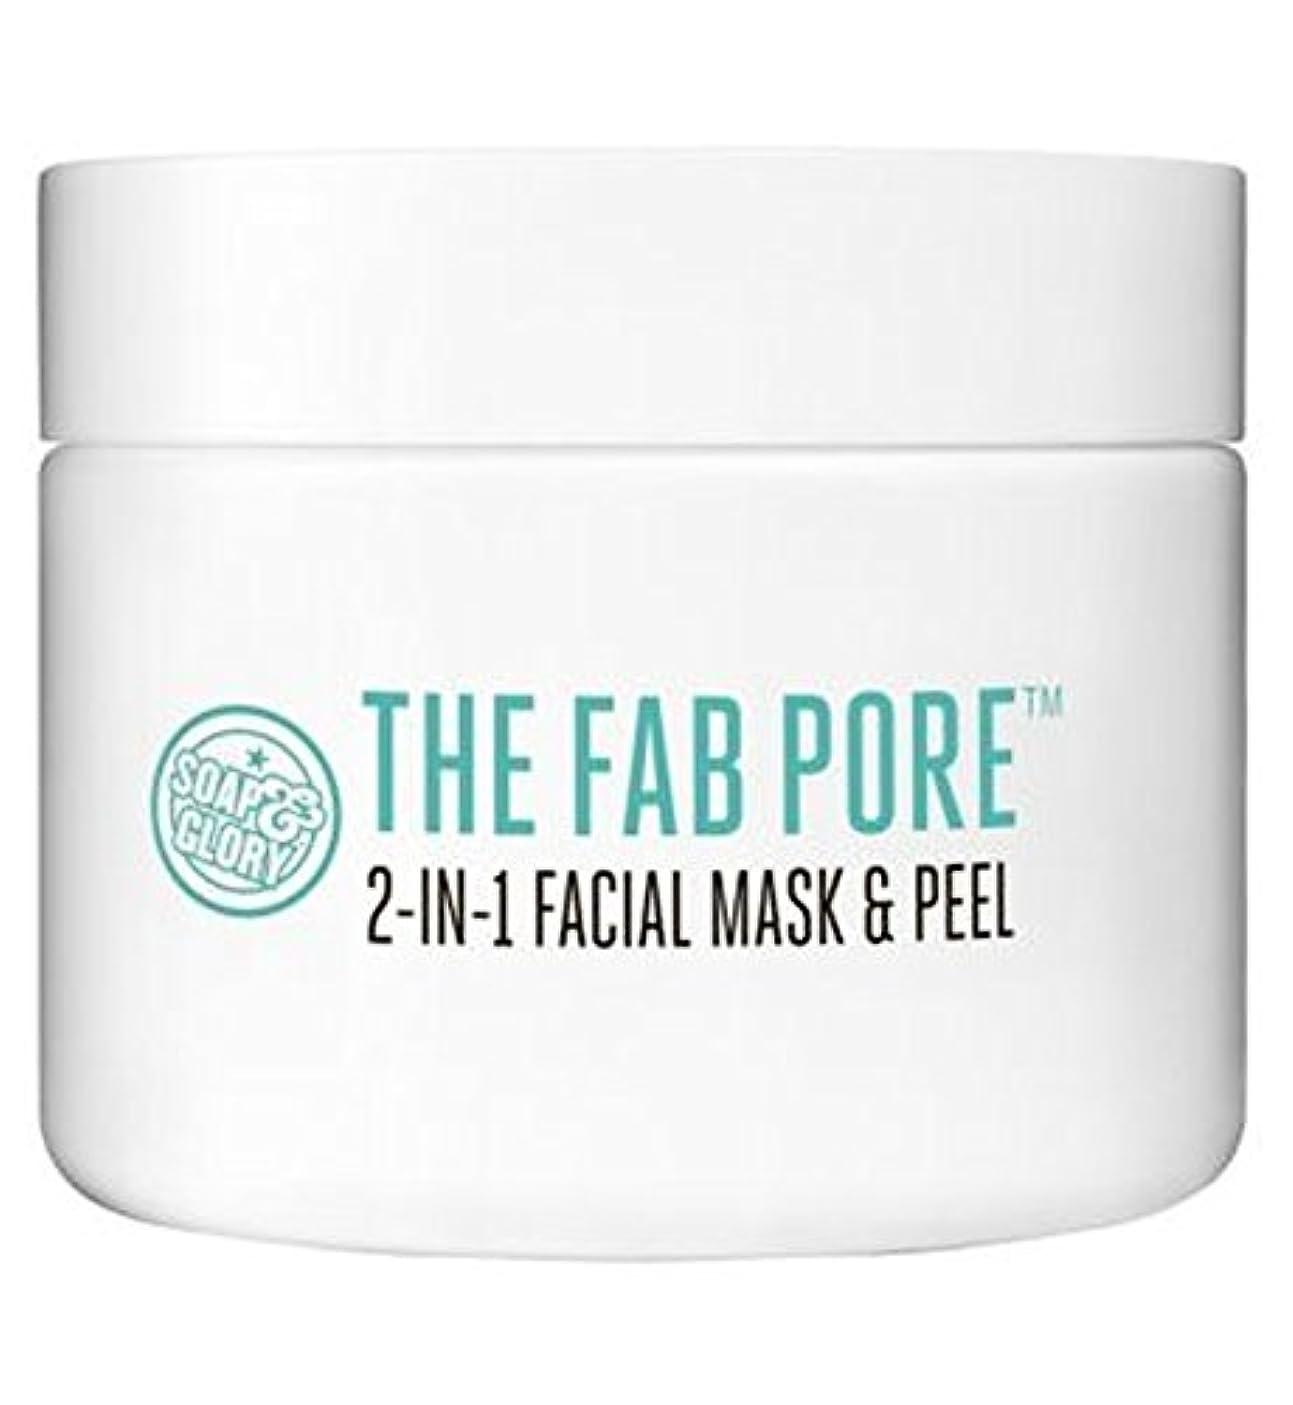 開発額強制的ファブ細孔?2イン1顔の細孔浄化マスク&ピール?石鹸&栄光 (Soap & Glory) (x2) - Soap & Glory? Fab Pore? 2-in-1 Facial Pore Purifying Mask...